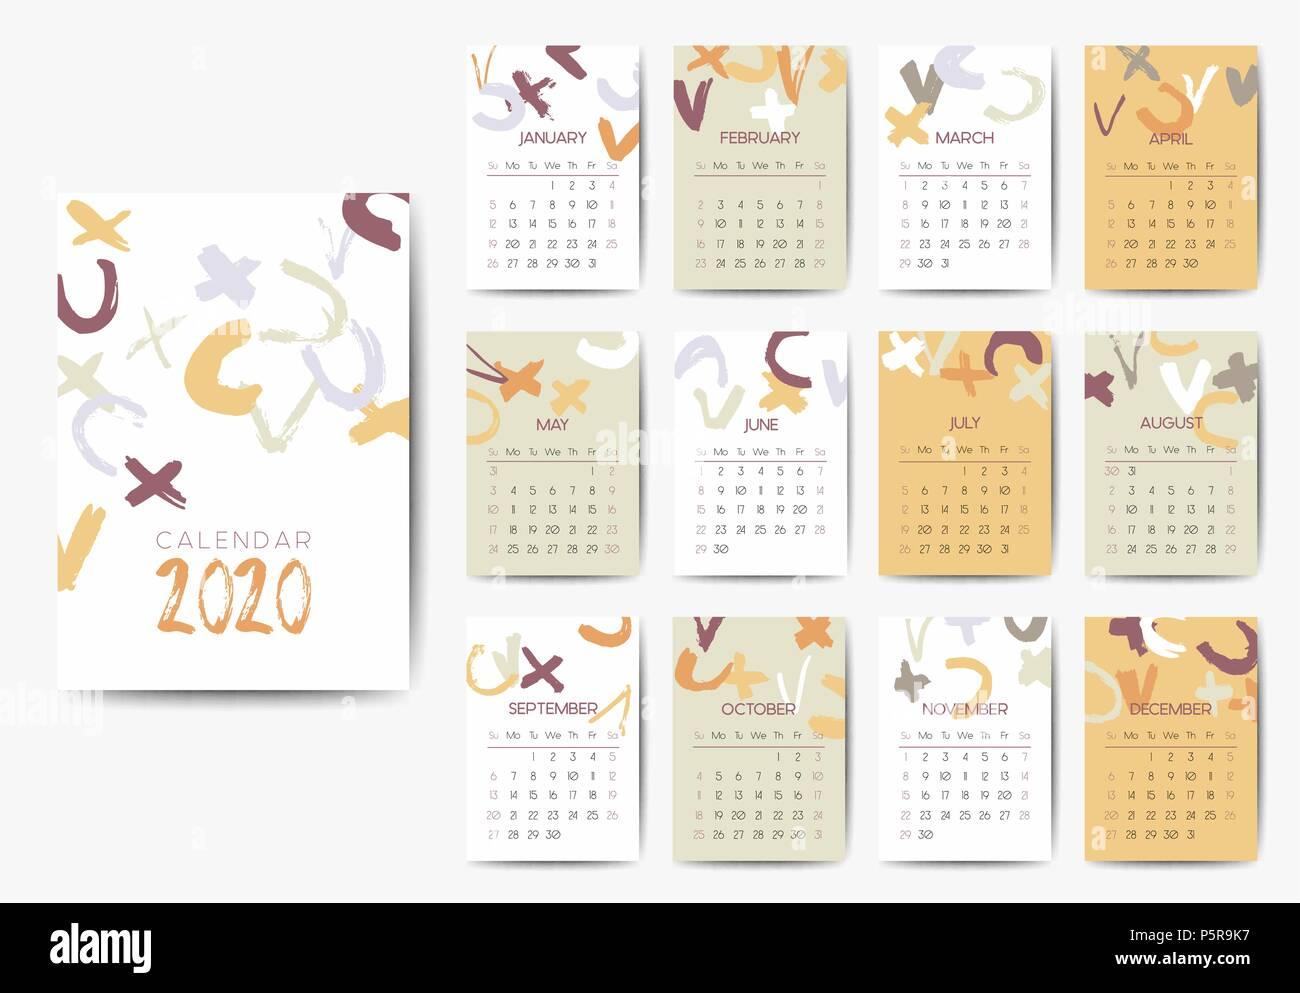 Calendario Maya 2020.Calendar 2020 Stock Photos Calendar 2020 Stock Images Alamy